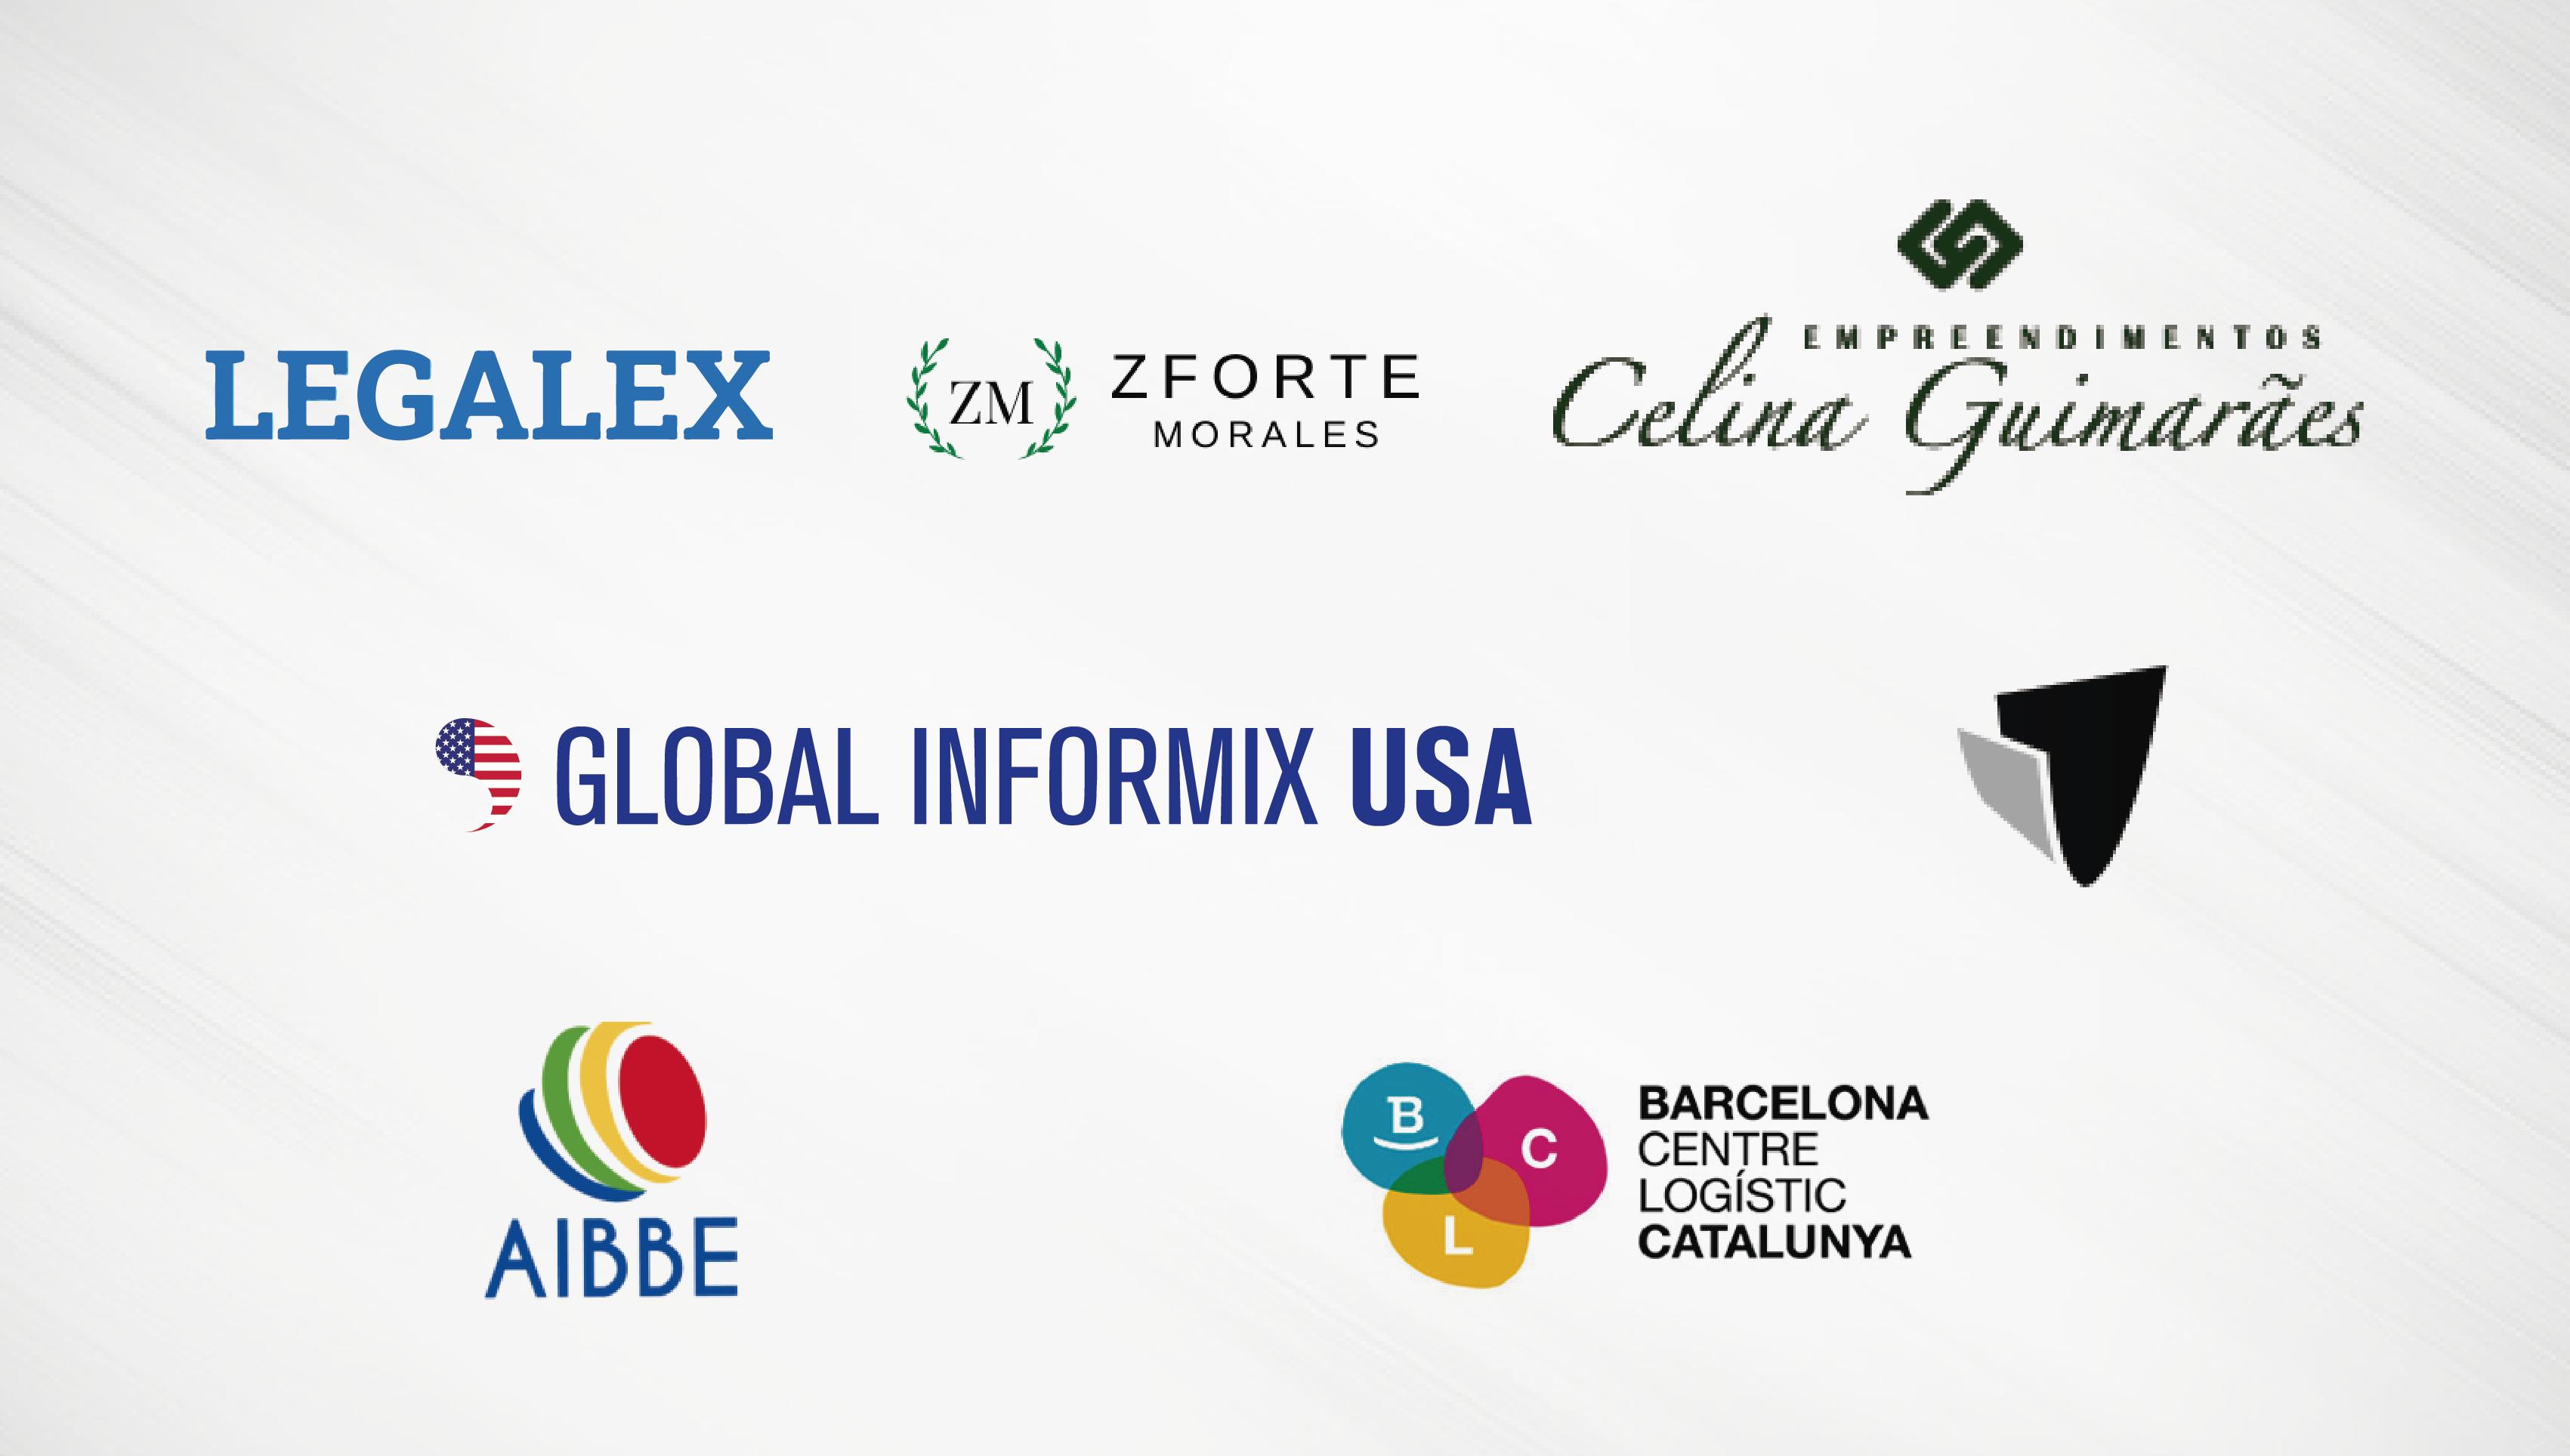 Legalex, Z Forte Morales, Celina Guimarães Empreendimentos, Global Informix, Valisa, AIBBE y Barcelona-Catalunya Centre Logístic, nuevos socios de la CCBC